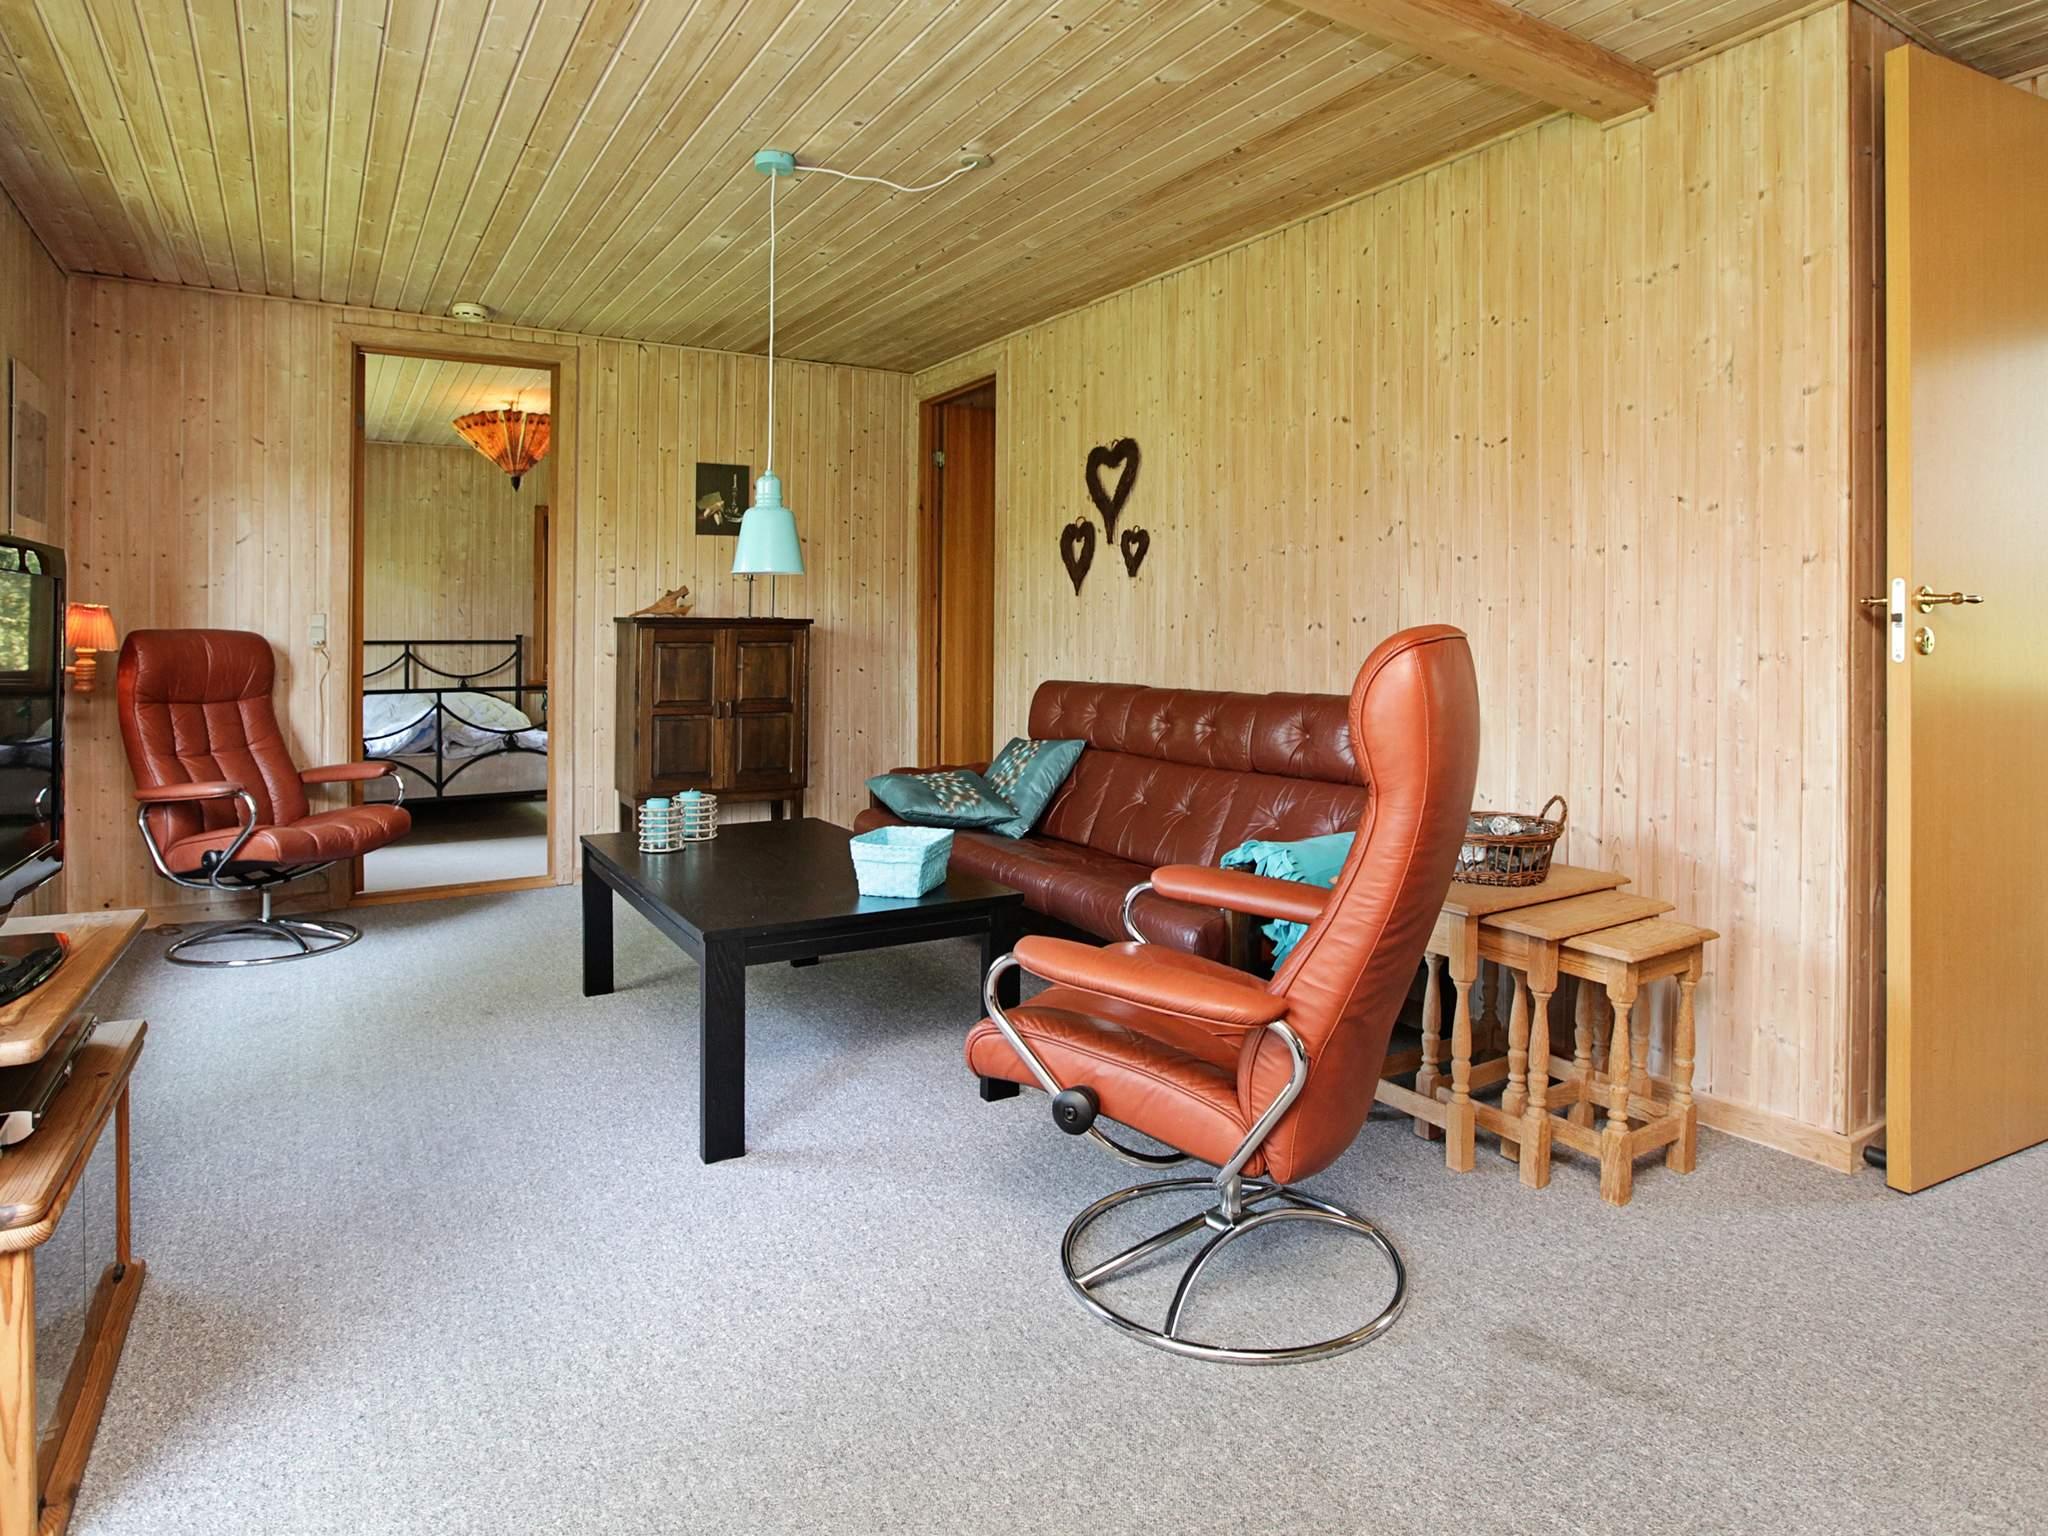 Ferienhaus Marielyst (83531), Marielyst, , Falster, Dänemark, Bild 2